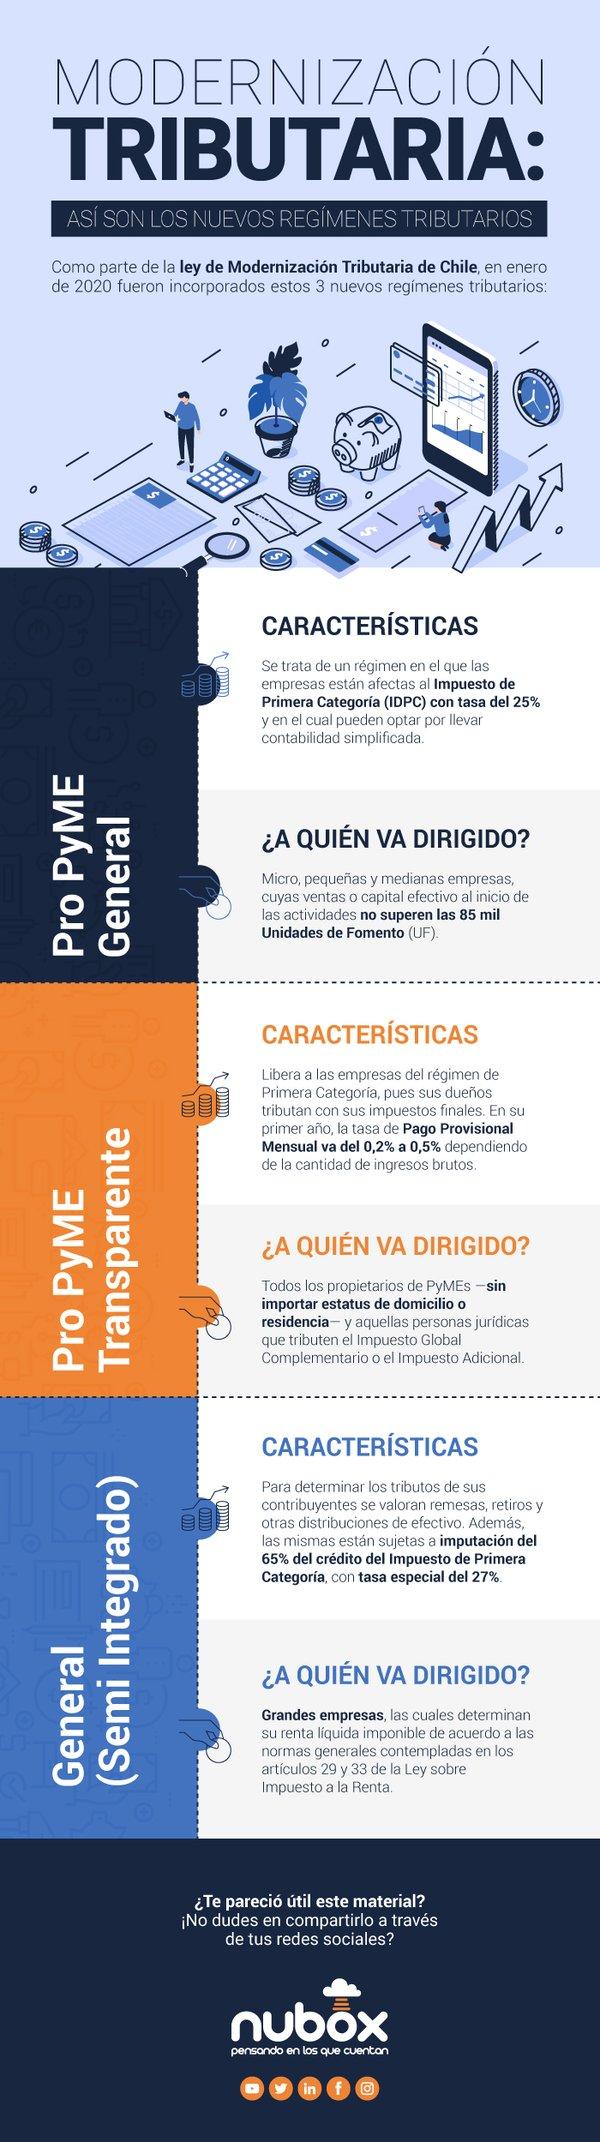 Modernización-tributaria (1)